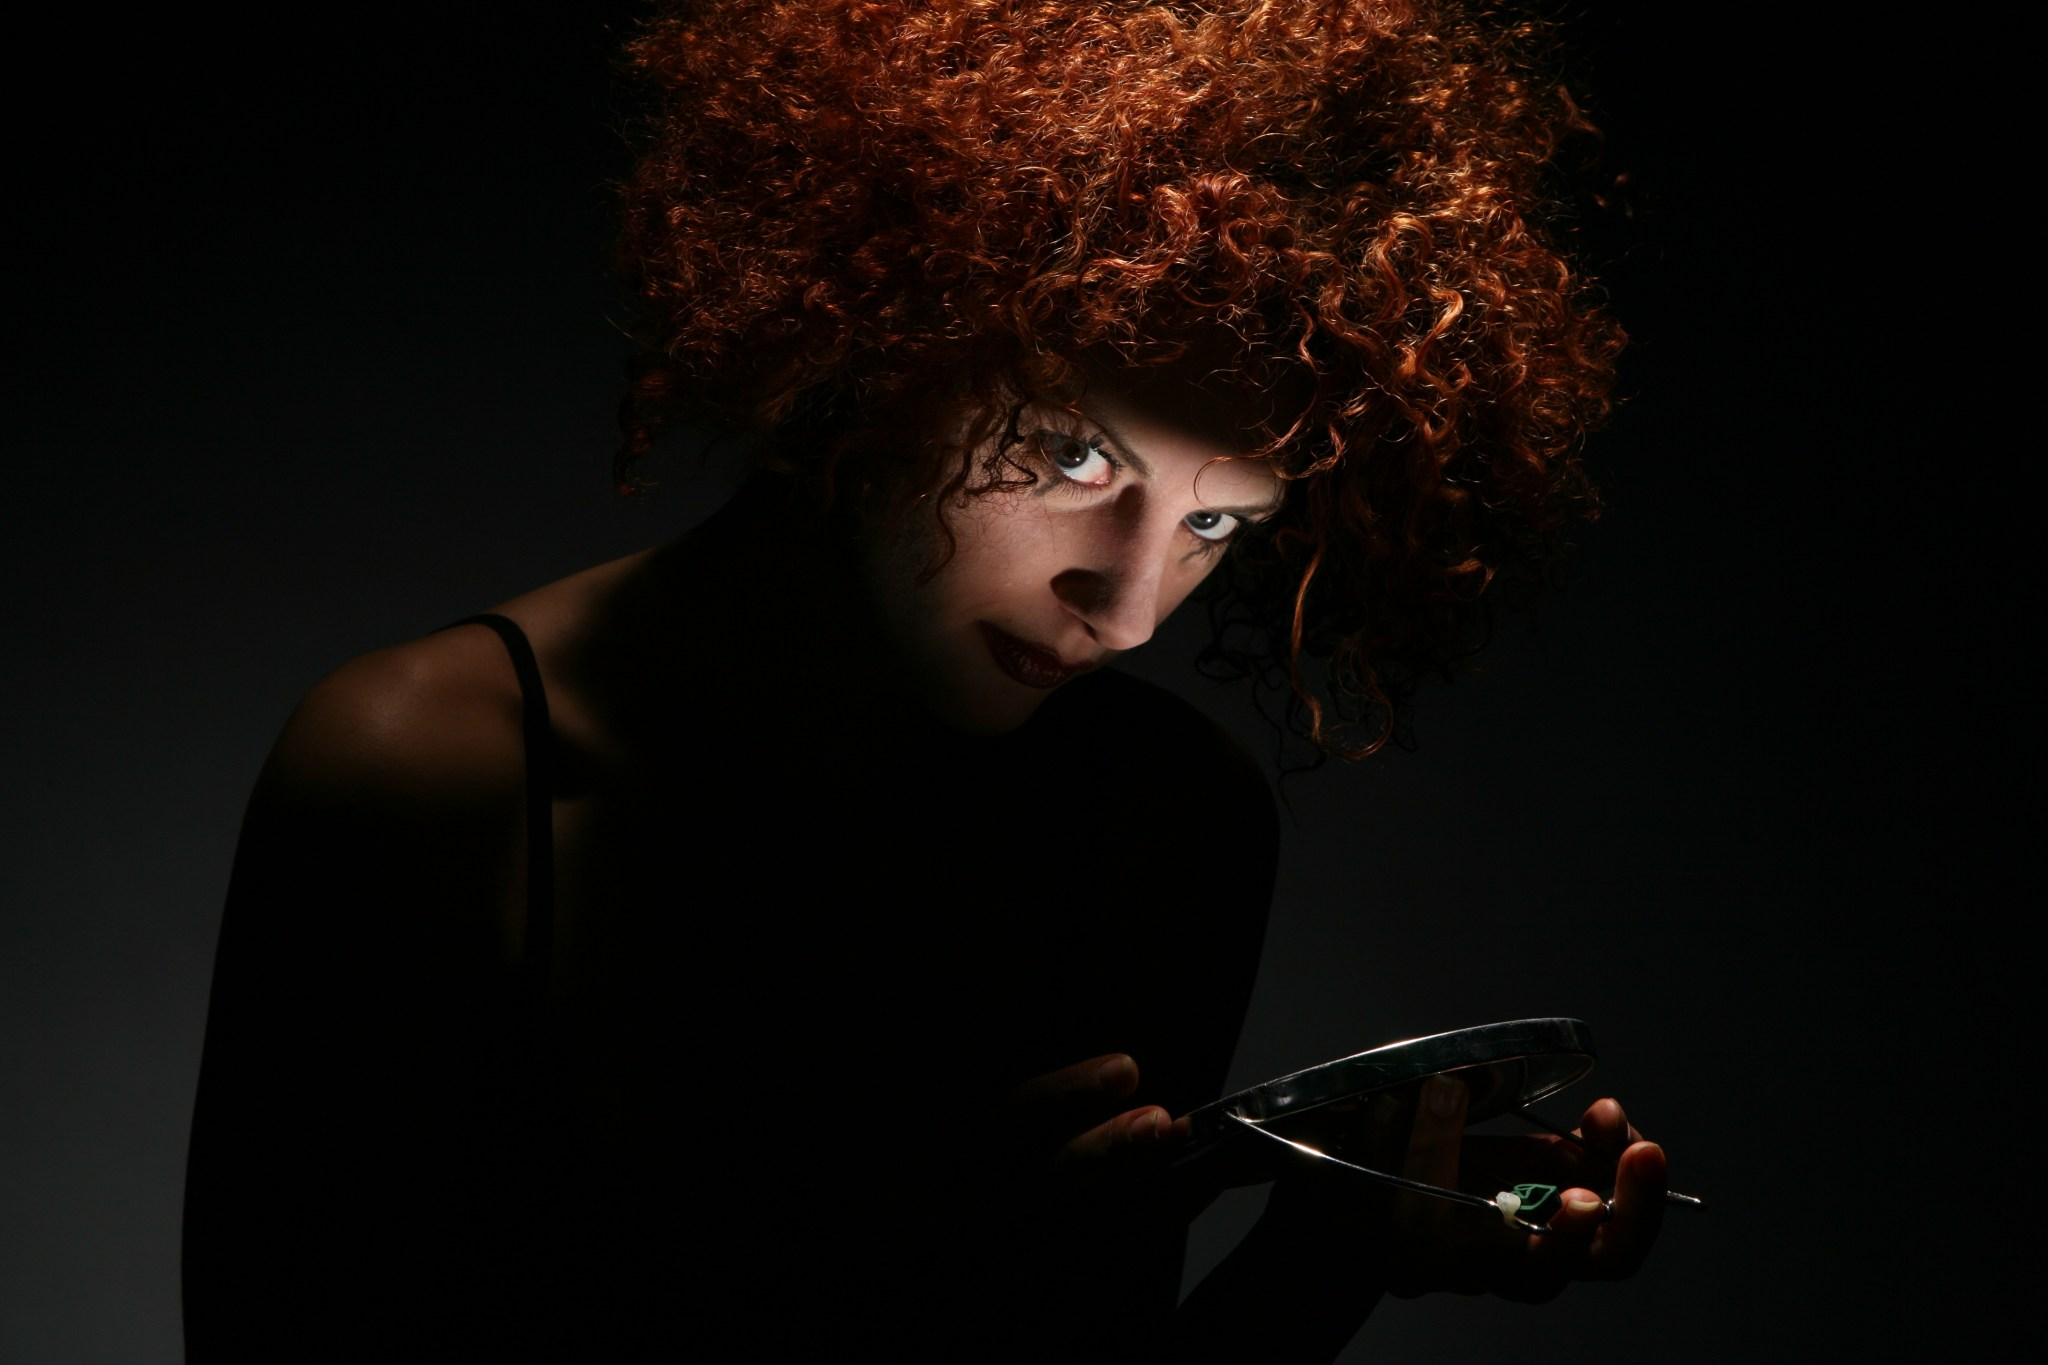 Psychopathie Hobby-Jäger besser verstehen